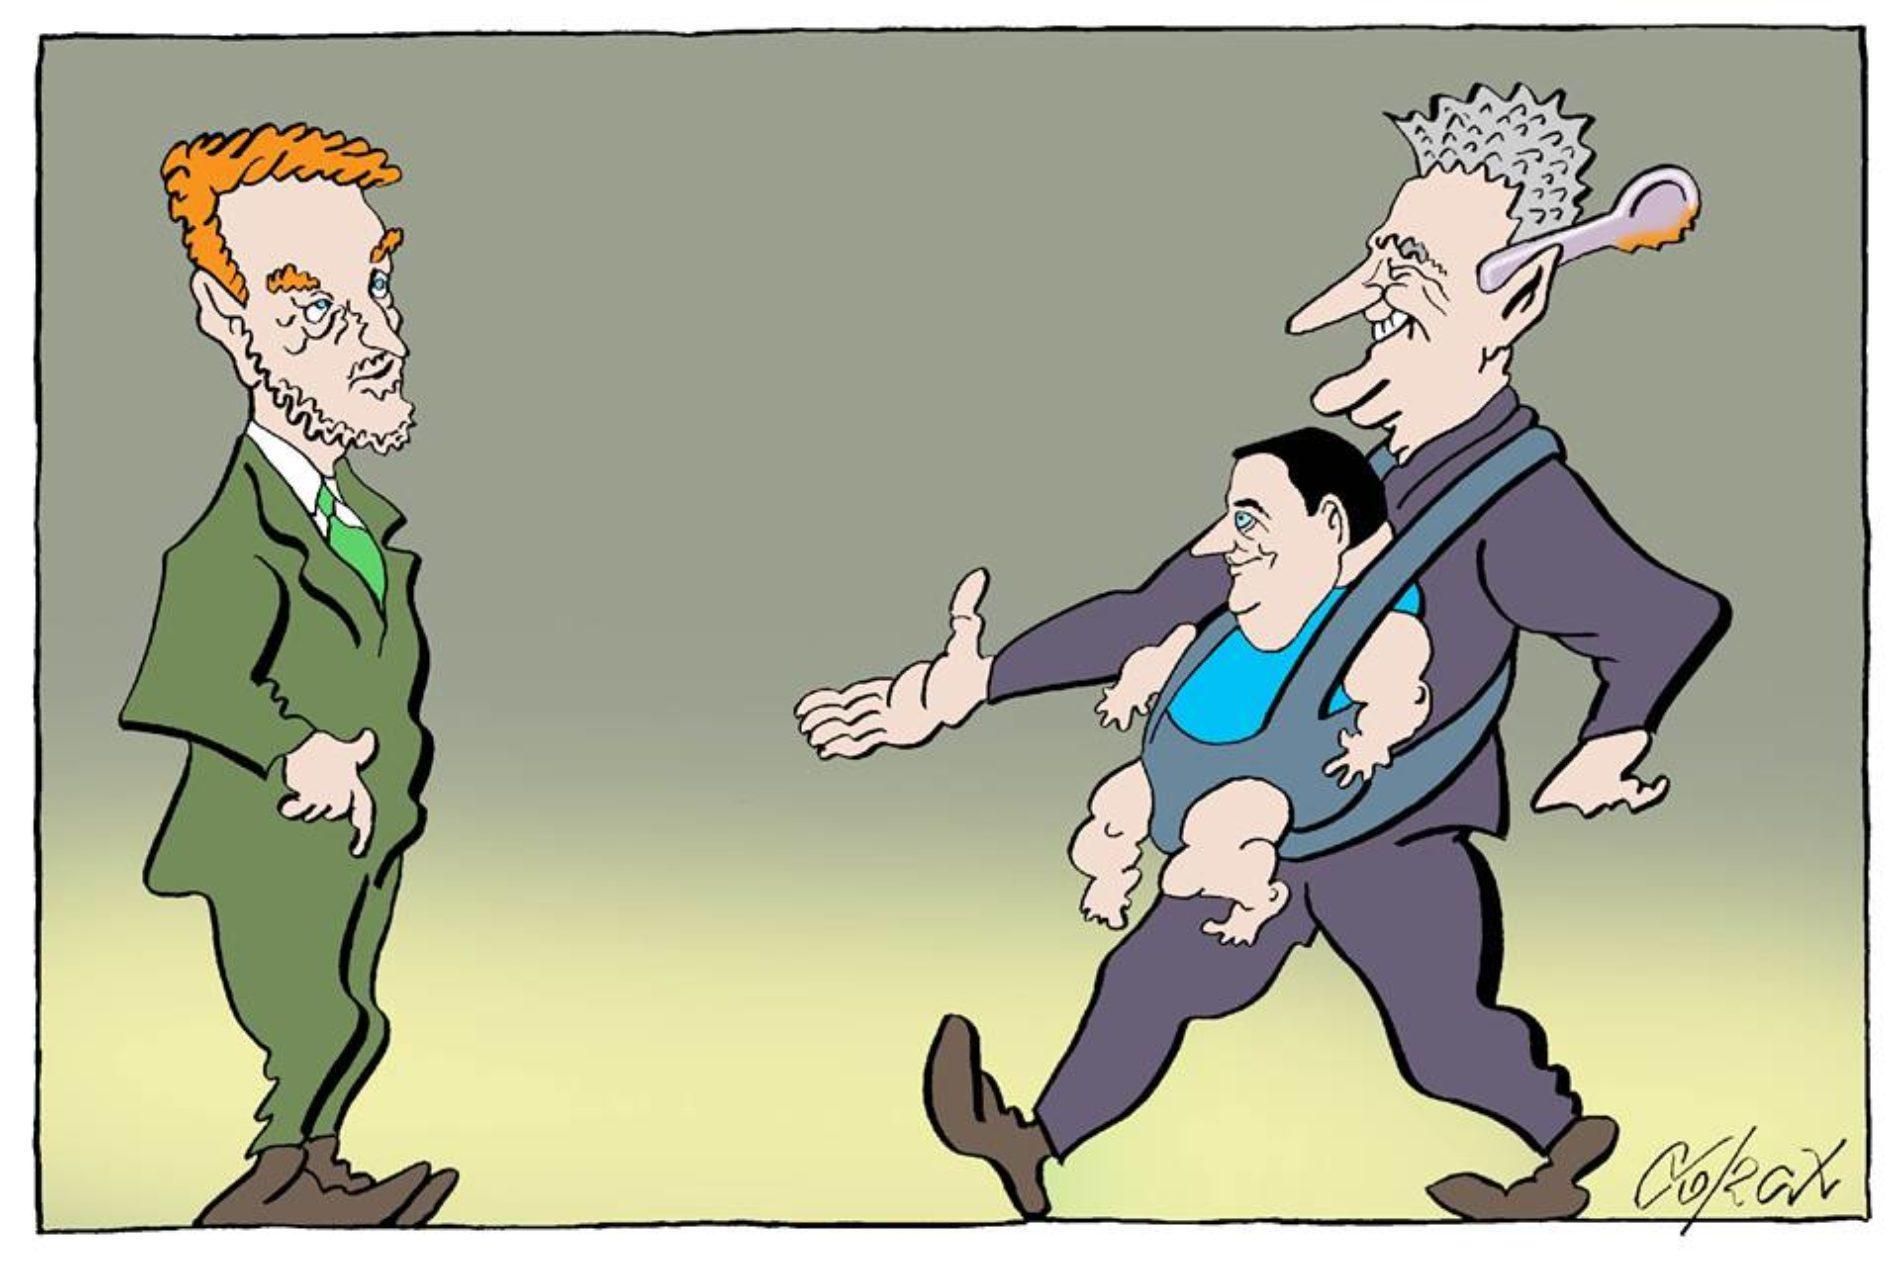 Za srbijanske političare istina i pomirenje u regionu, posebno u BiH, deveta rupa na svirali